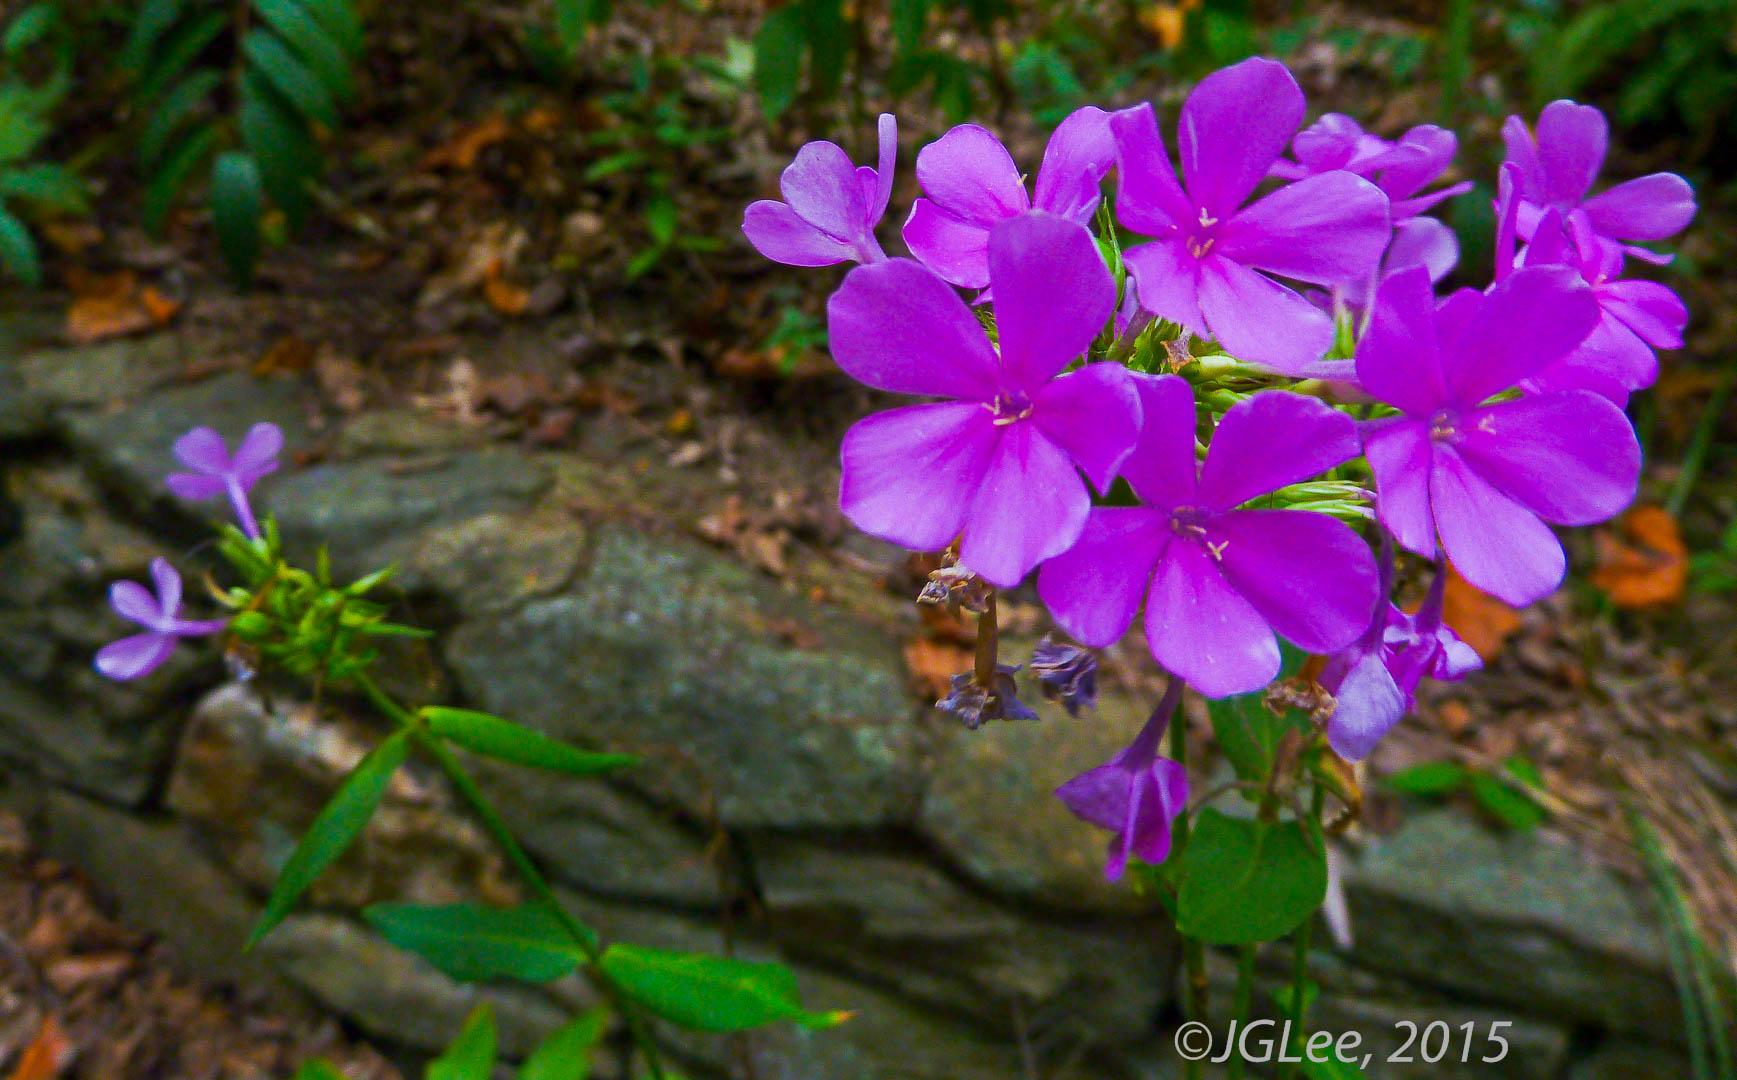 Violet In Color